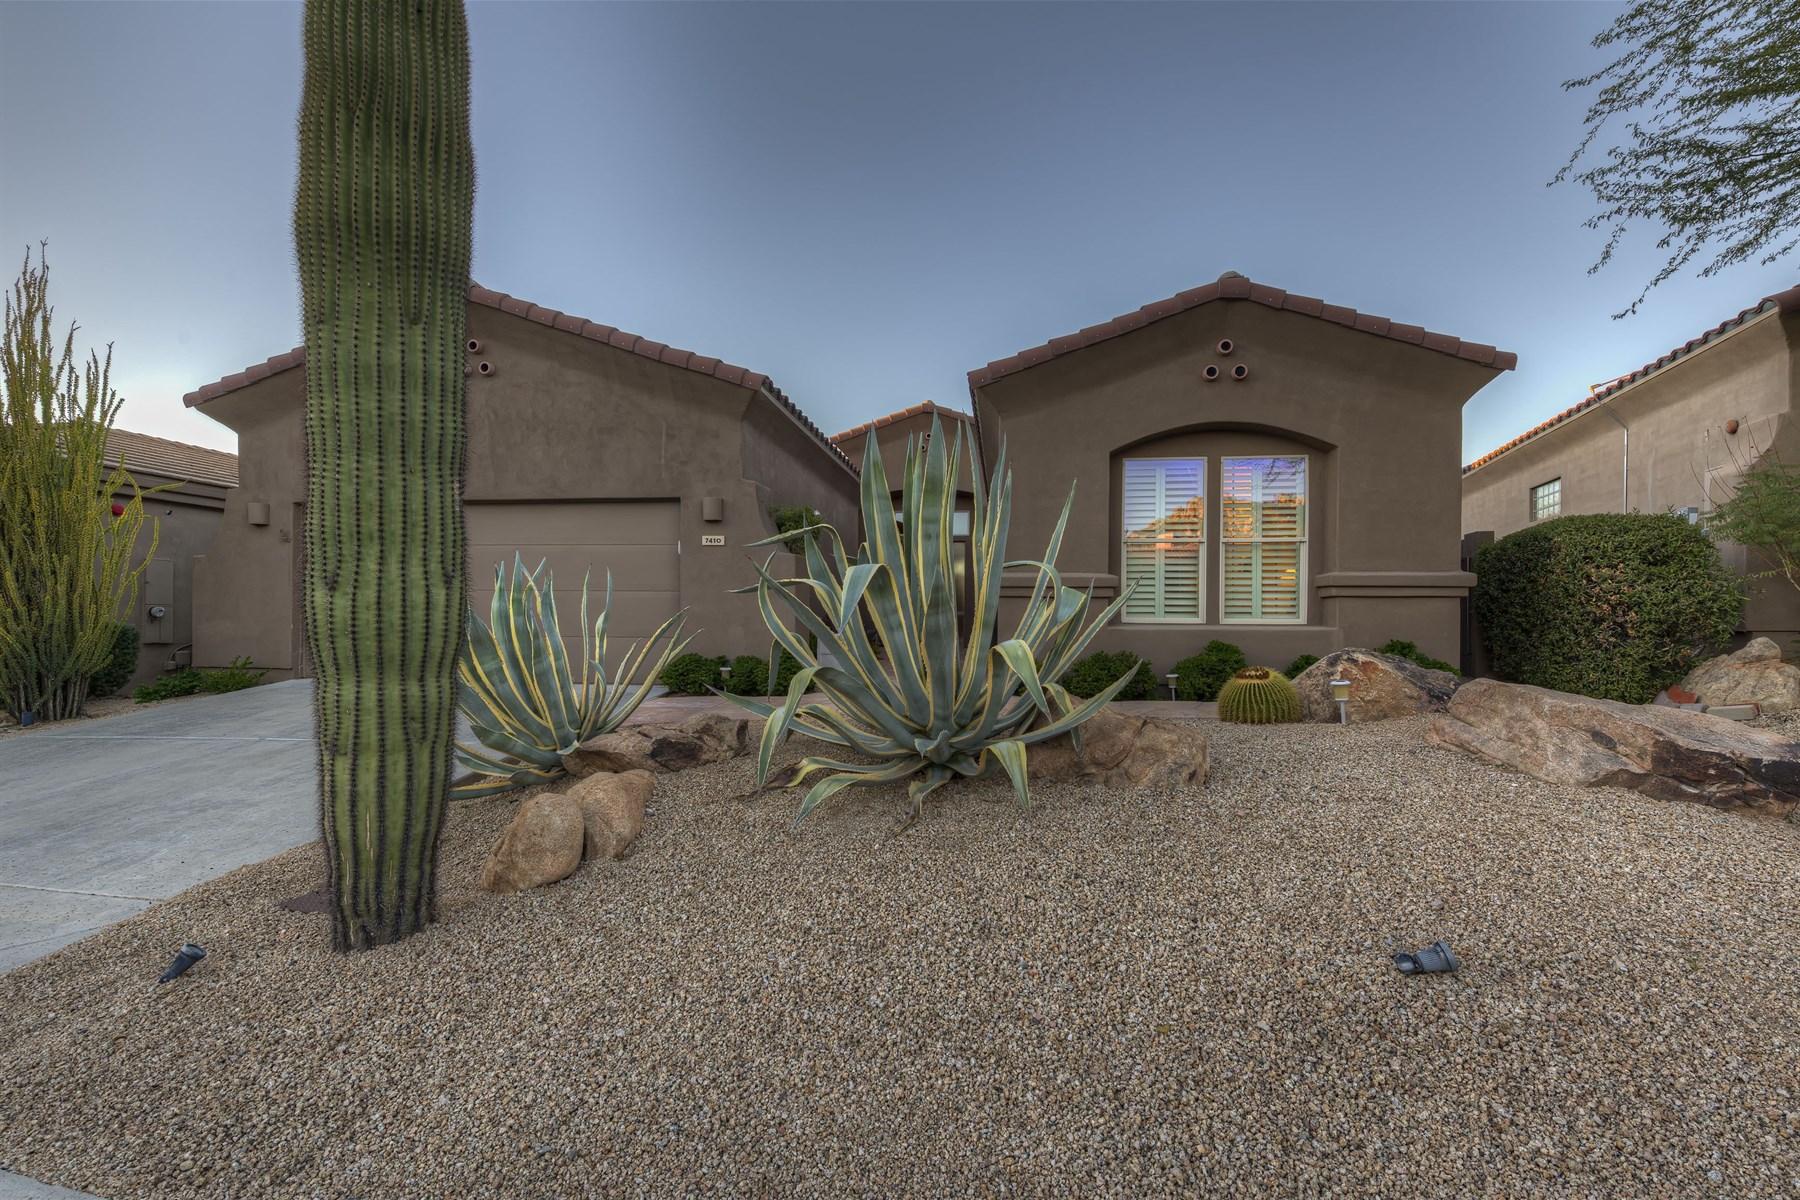 Частный односемейный дом для того Продажа на Immaculate home in Winfield 7410 E Soaring Eagle Way Scottsdale, Аризона 85266 Соединенные Штаты